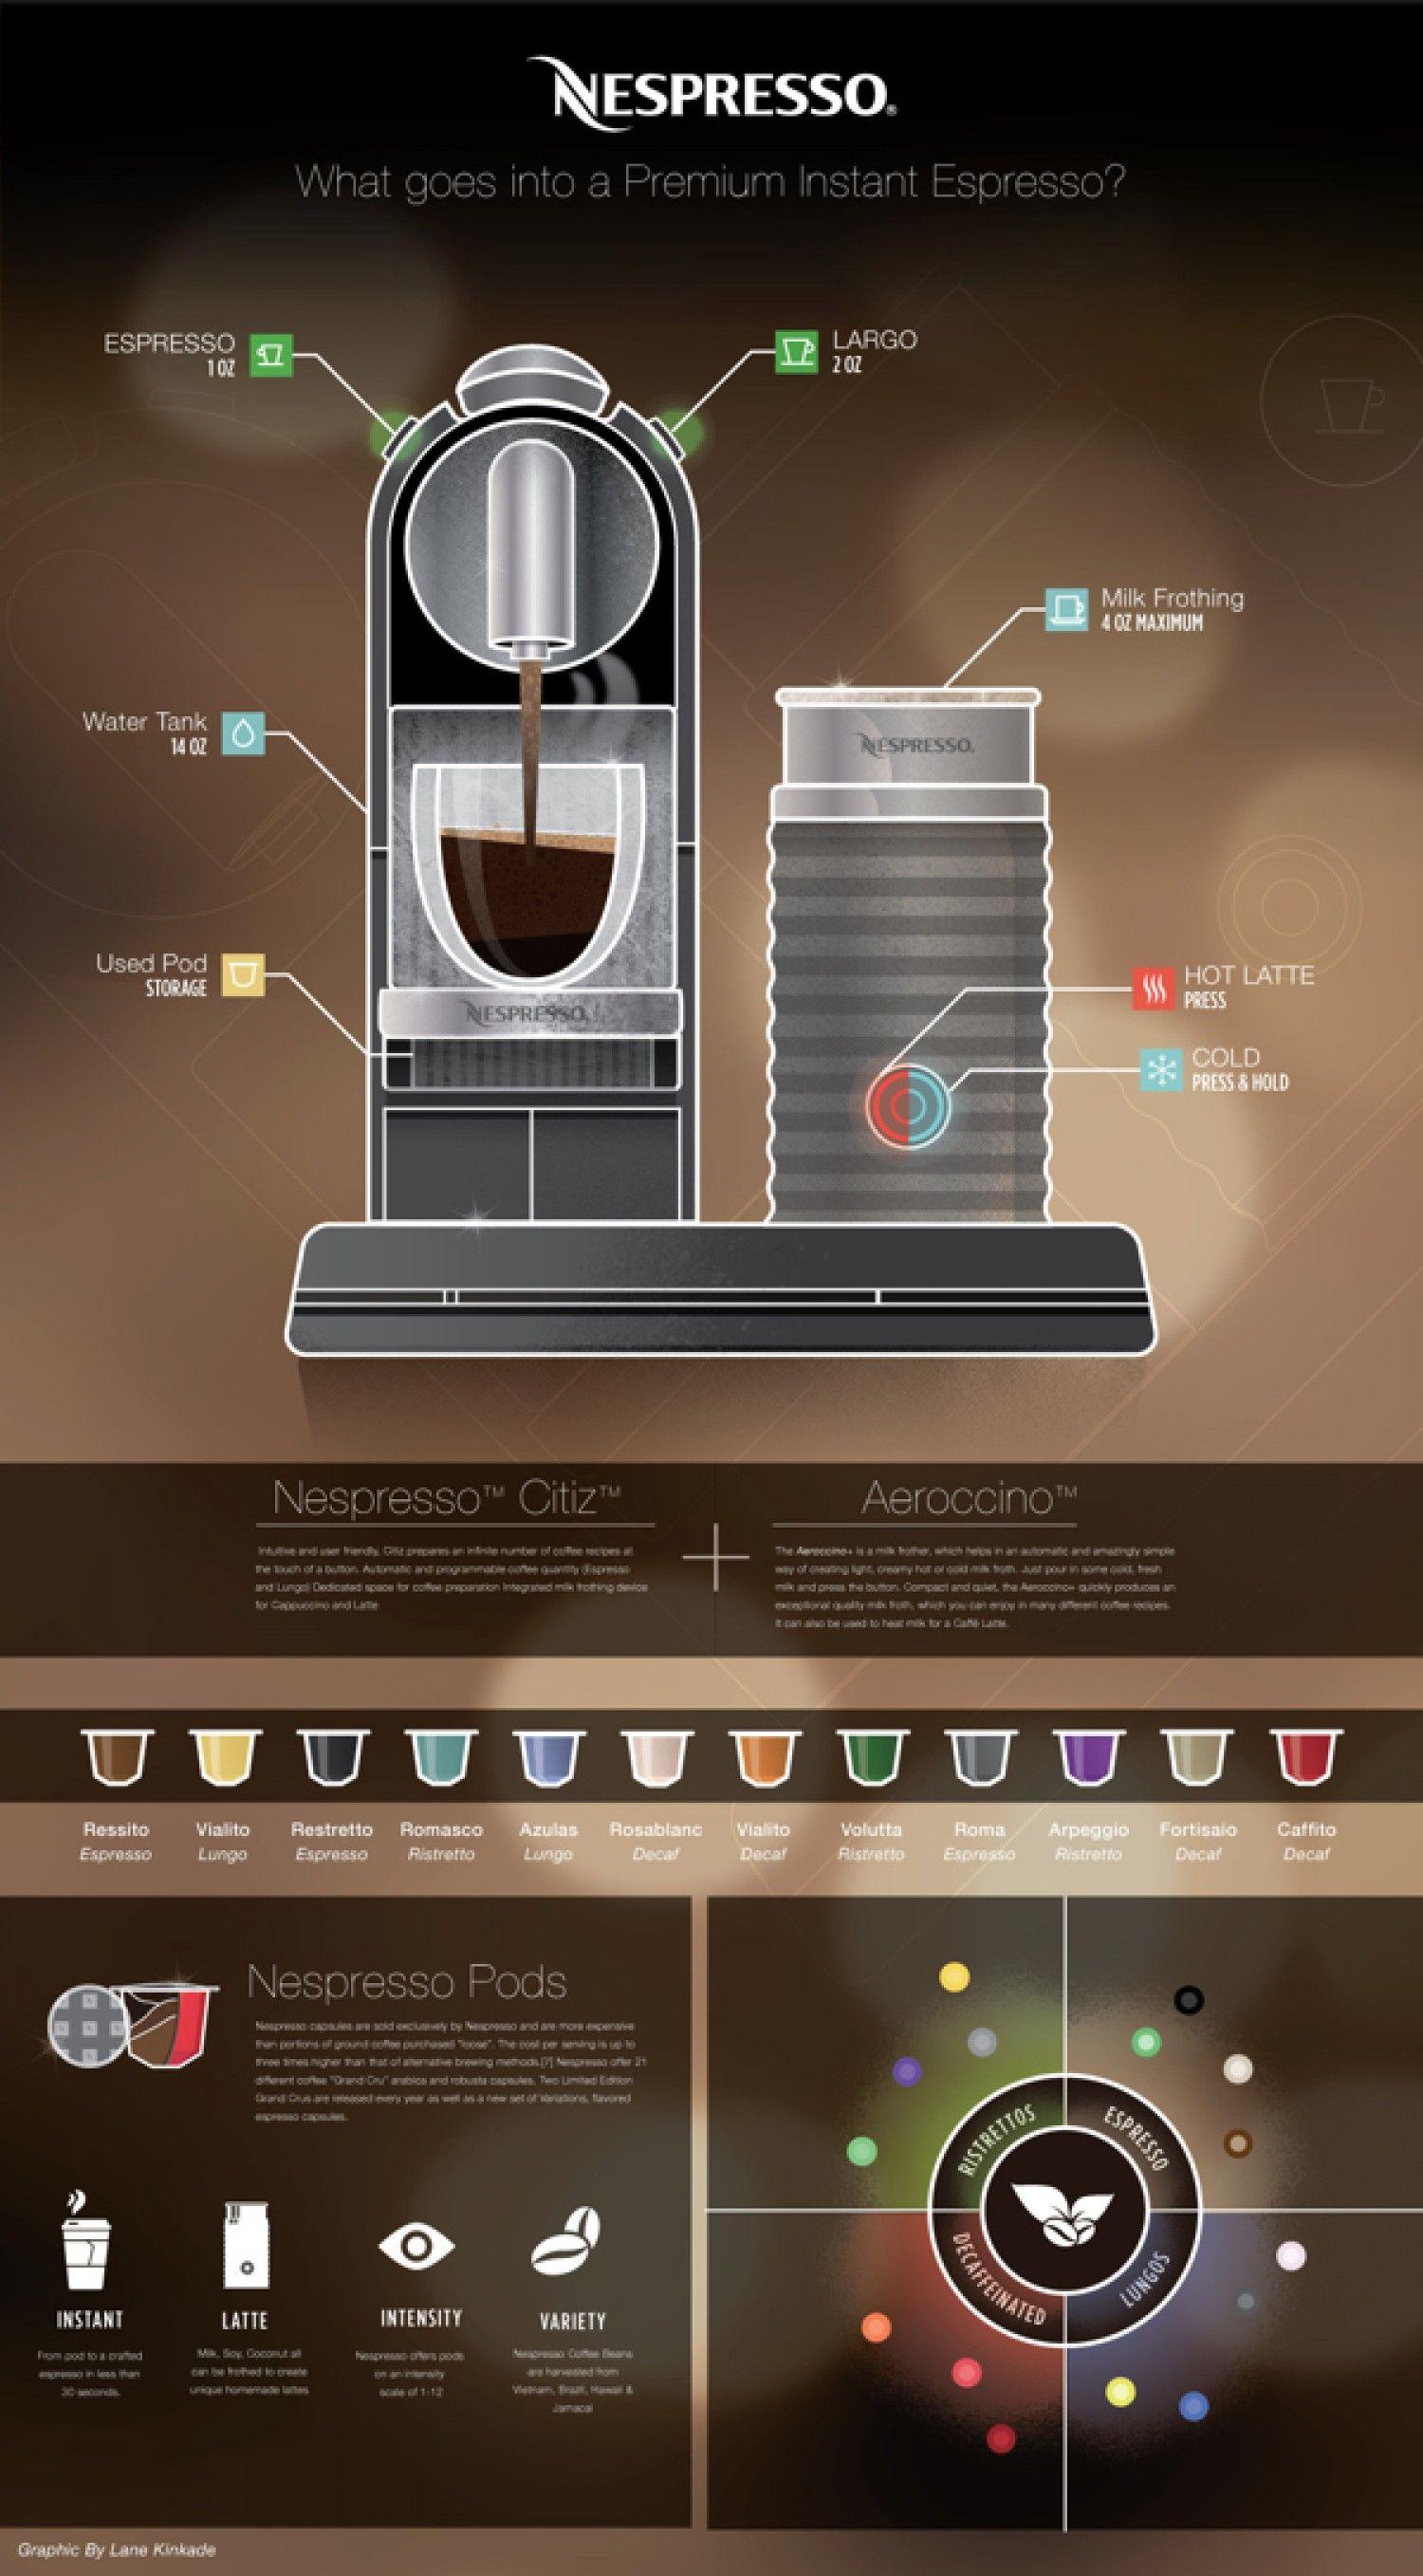 Nespresso Citiz + Aeroccino Nespresso, Lavazza coffee